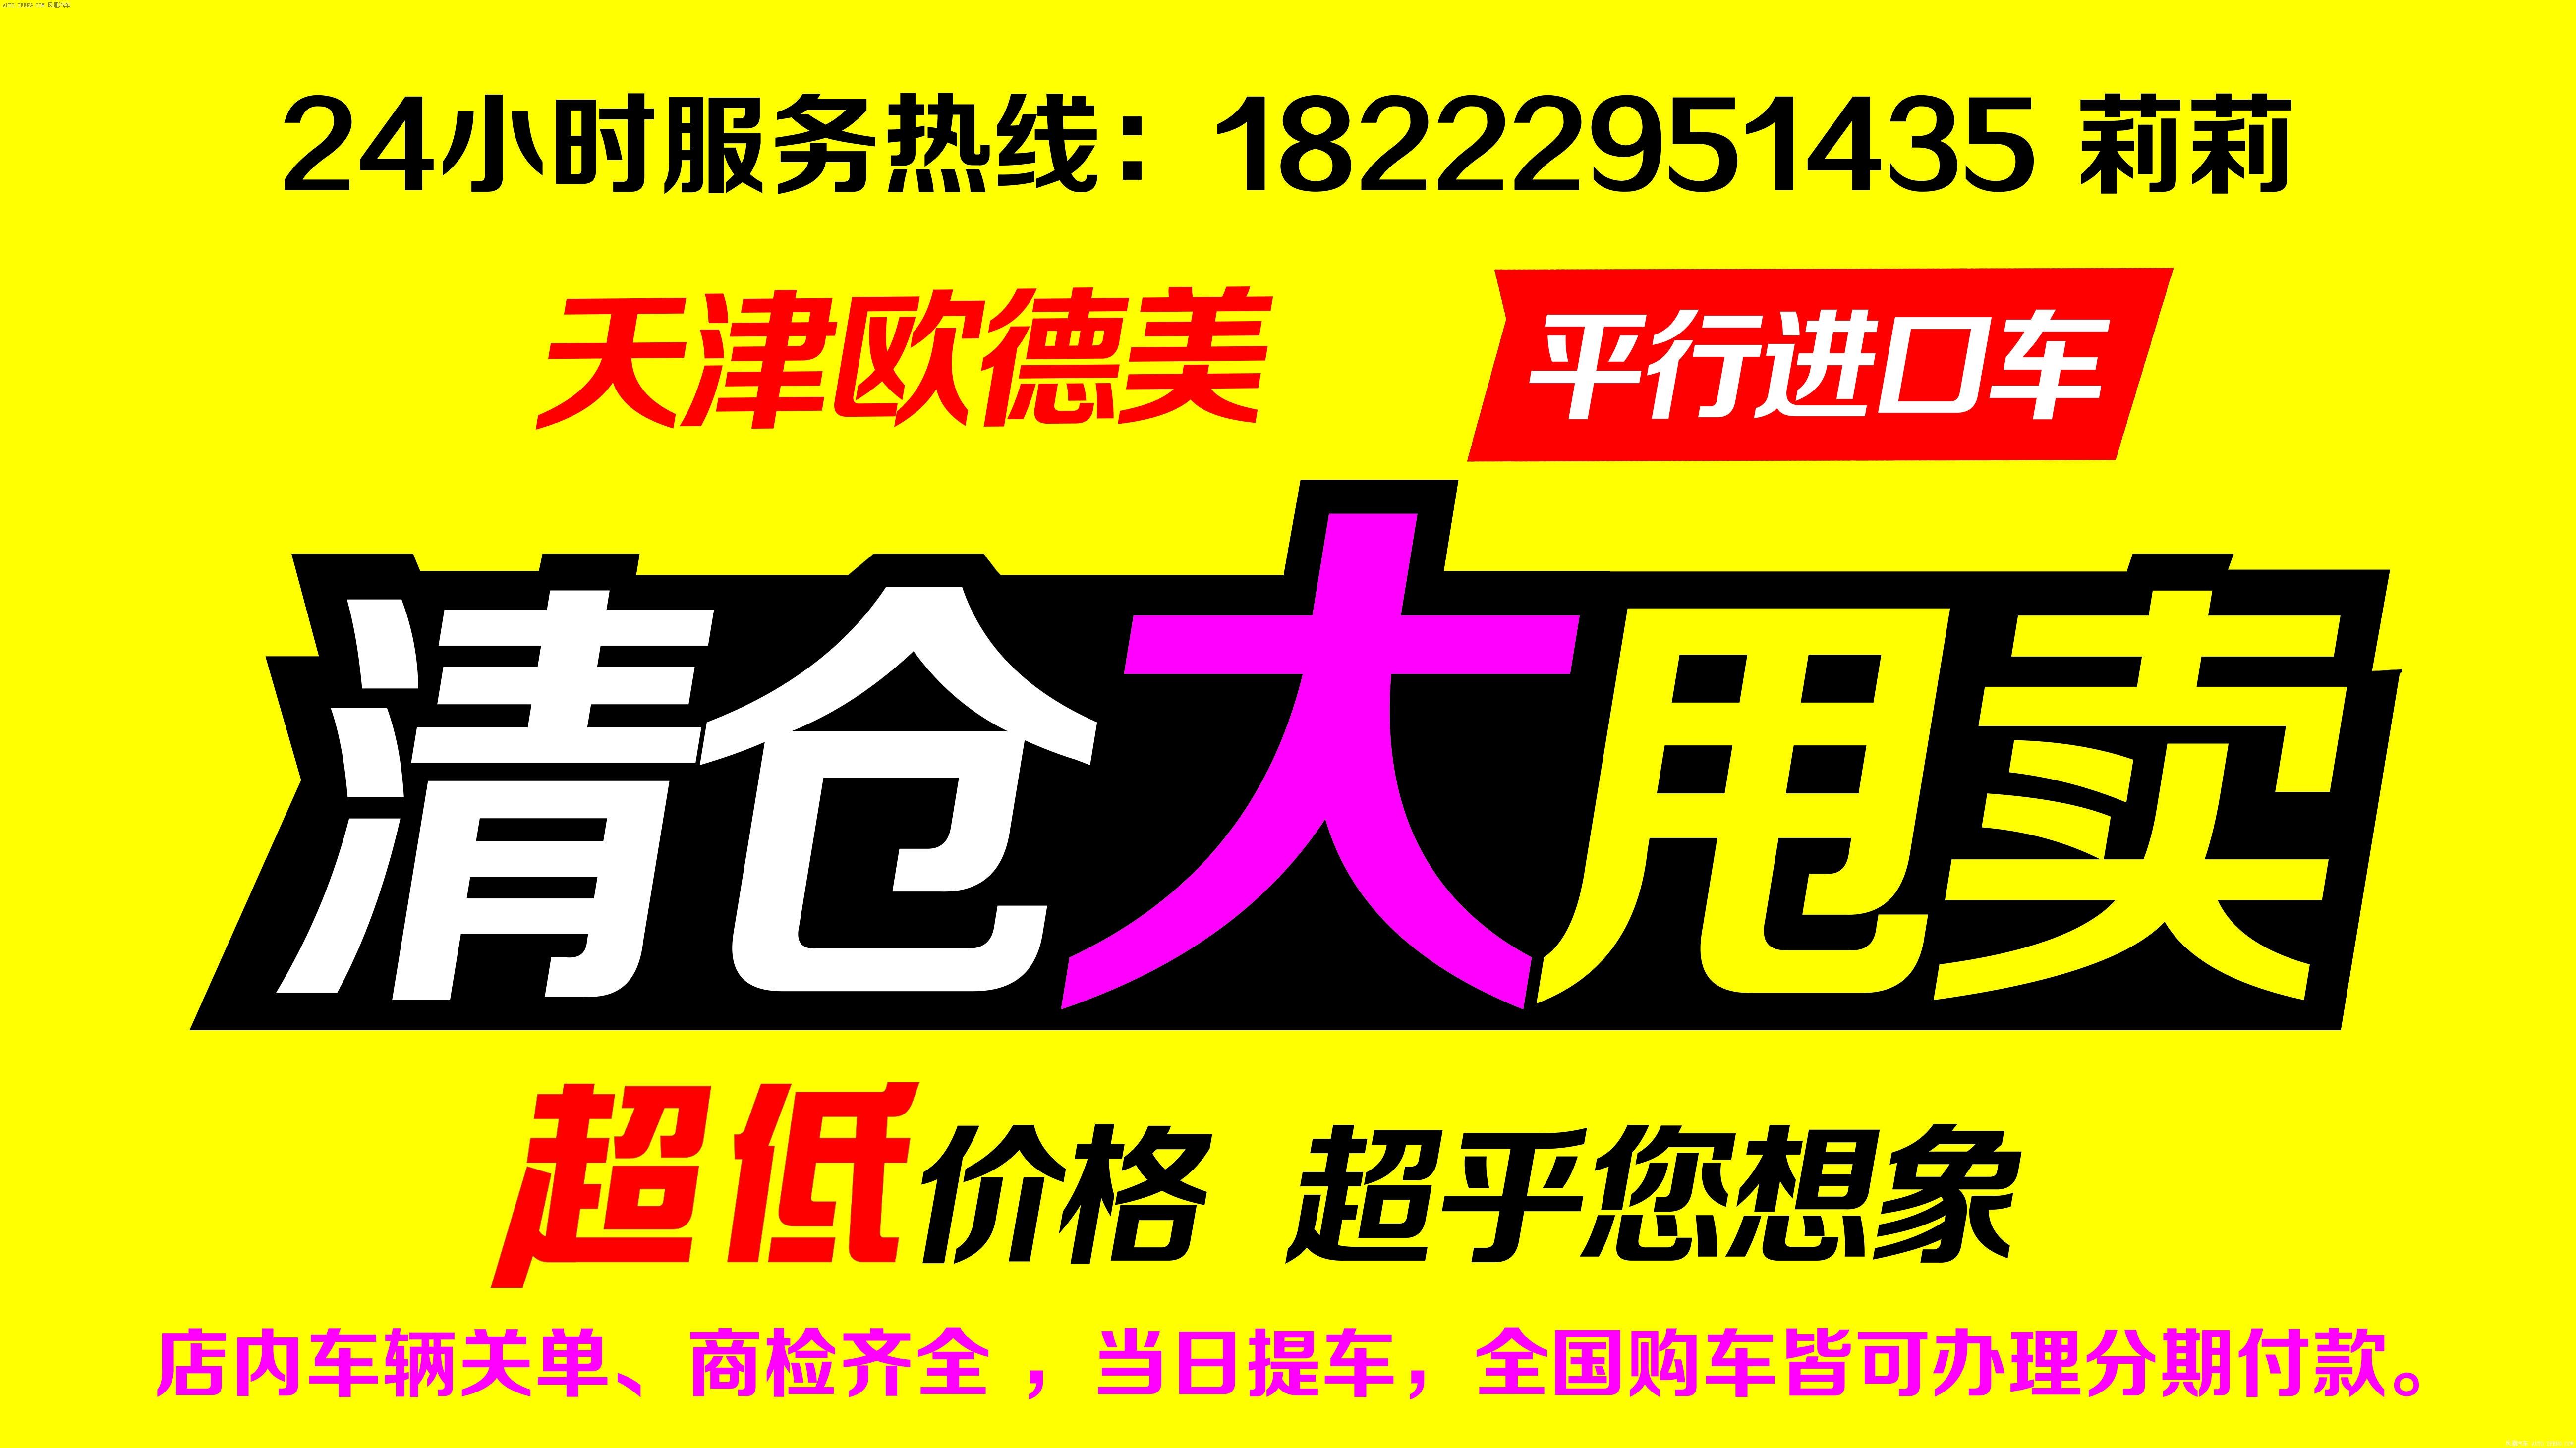 17款路虎揽胜运动选路虎的眼界决定境界男演员吴越个人资料